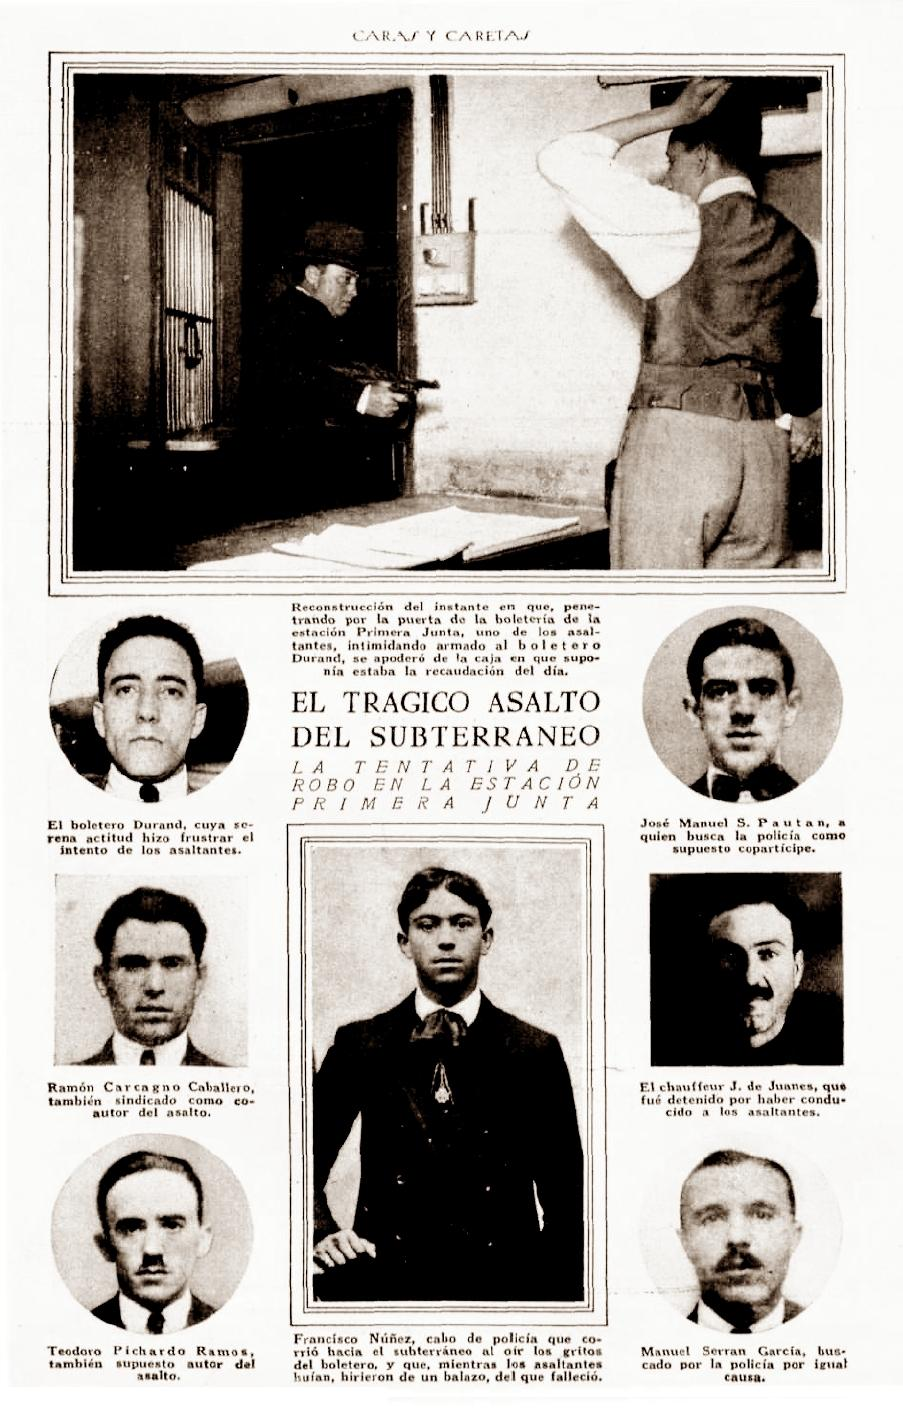 """L'atracament de Primera Junta segons la publicació de Buenos Aires """"Caras y Caretas"""", núm. 1.417, del 28 de novembre de 1925"""